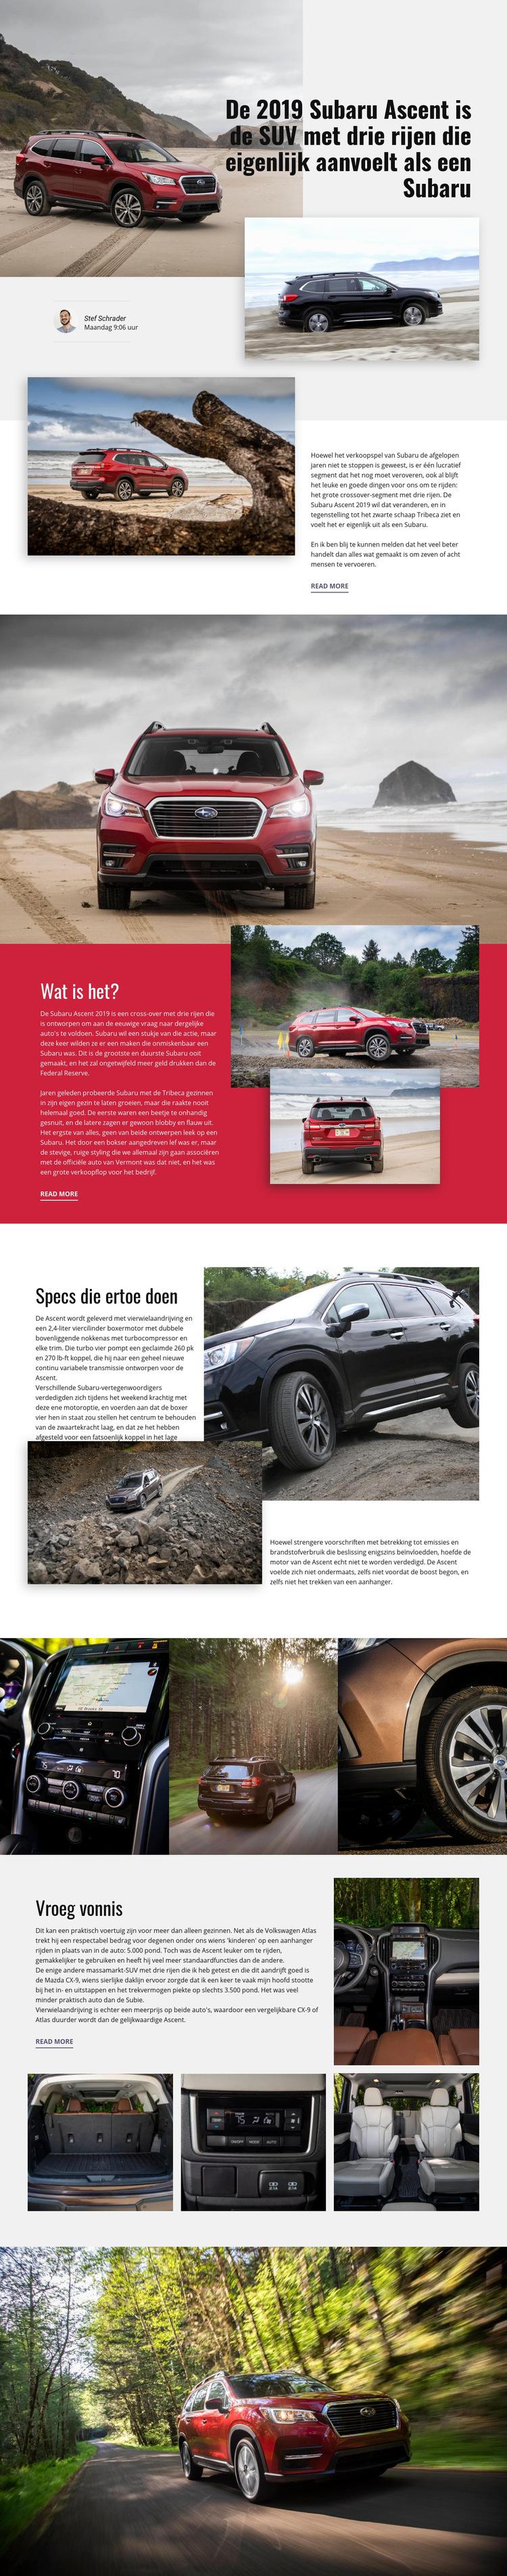 Subaru Website sjabloon